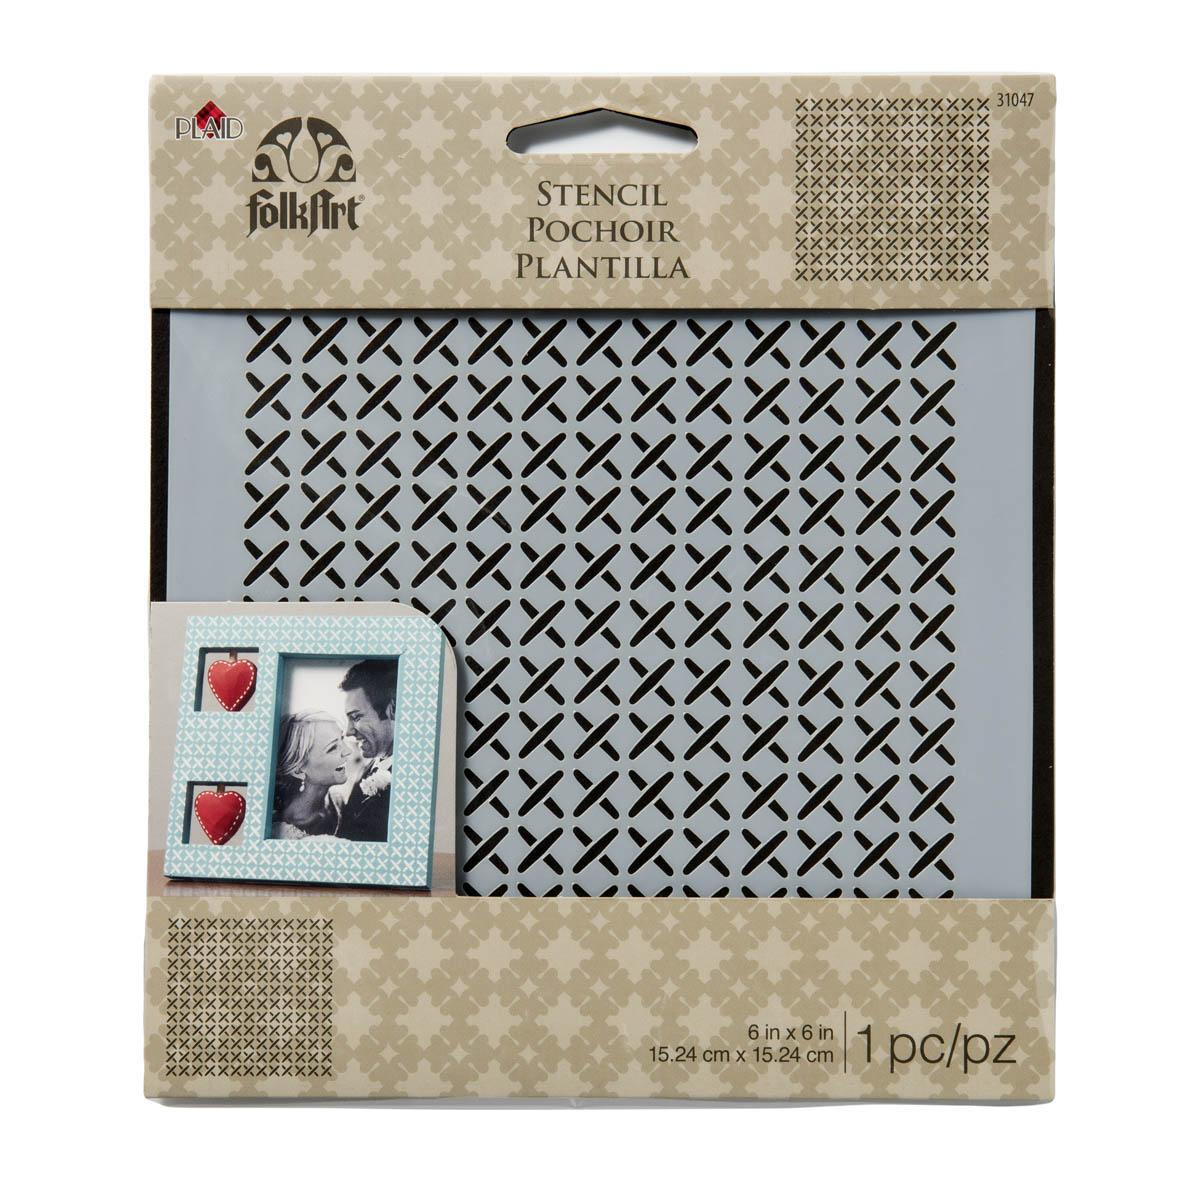 FolkArt ® Painting Stencils - Small - Cross Stitch - MS31047